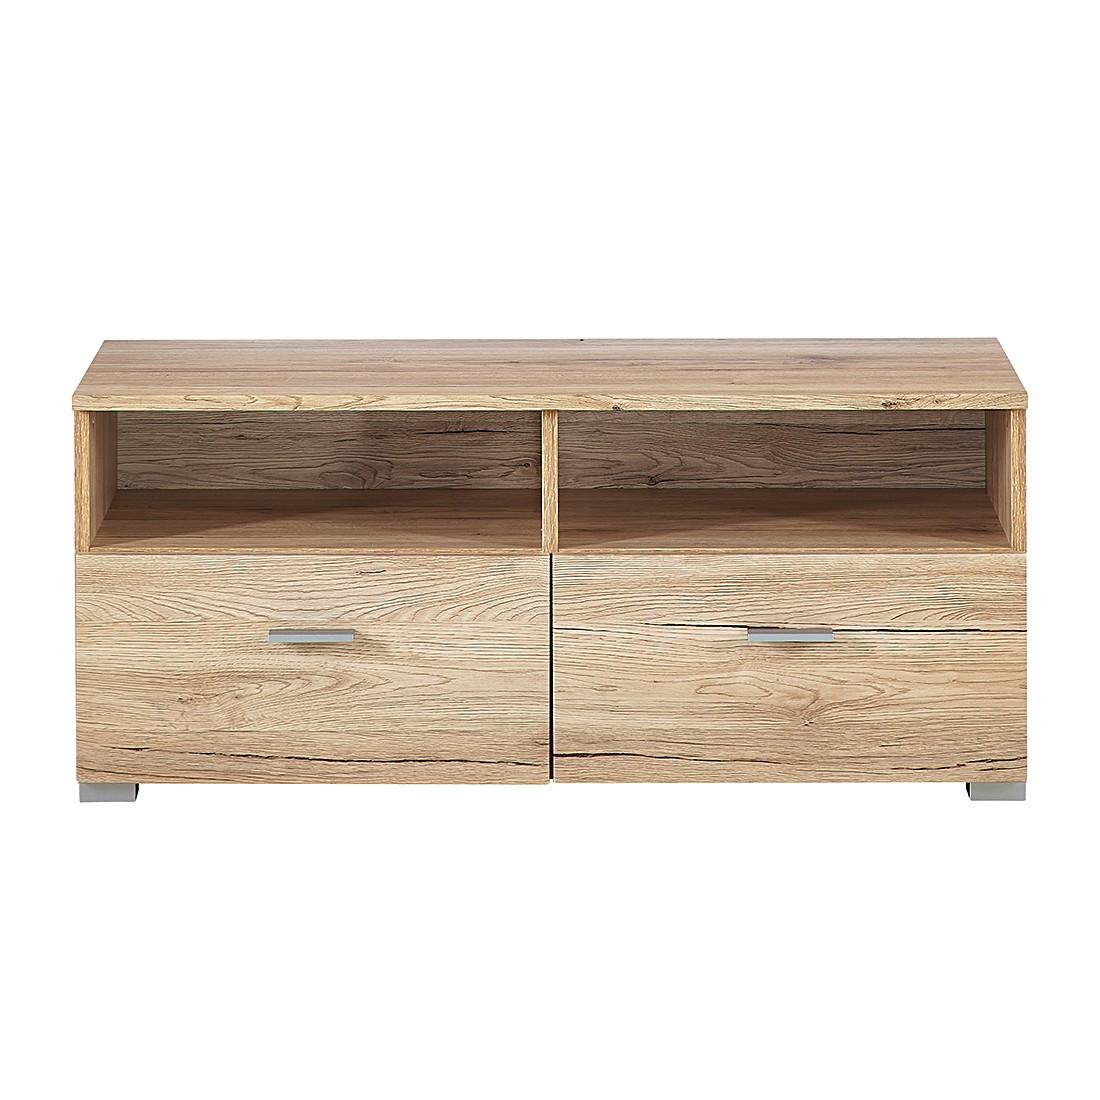 schuhbank preisvergleich die besten angebote online kaufen. Black Bedroom Furniture Sets. Home Design Ideas